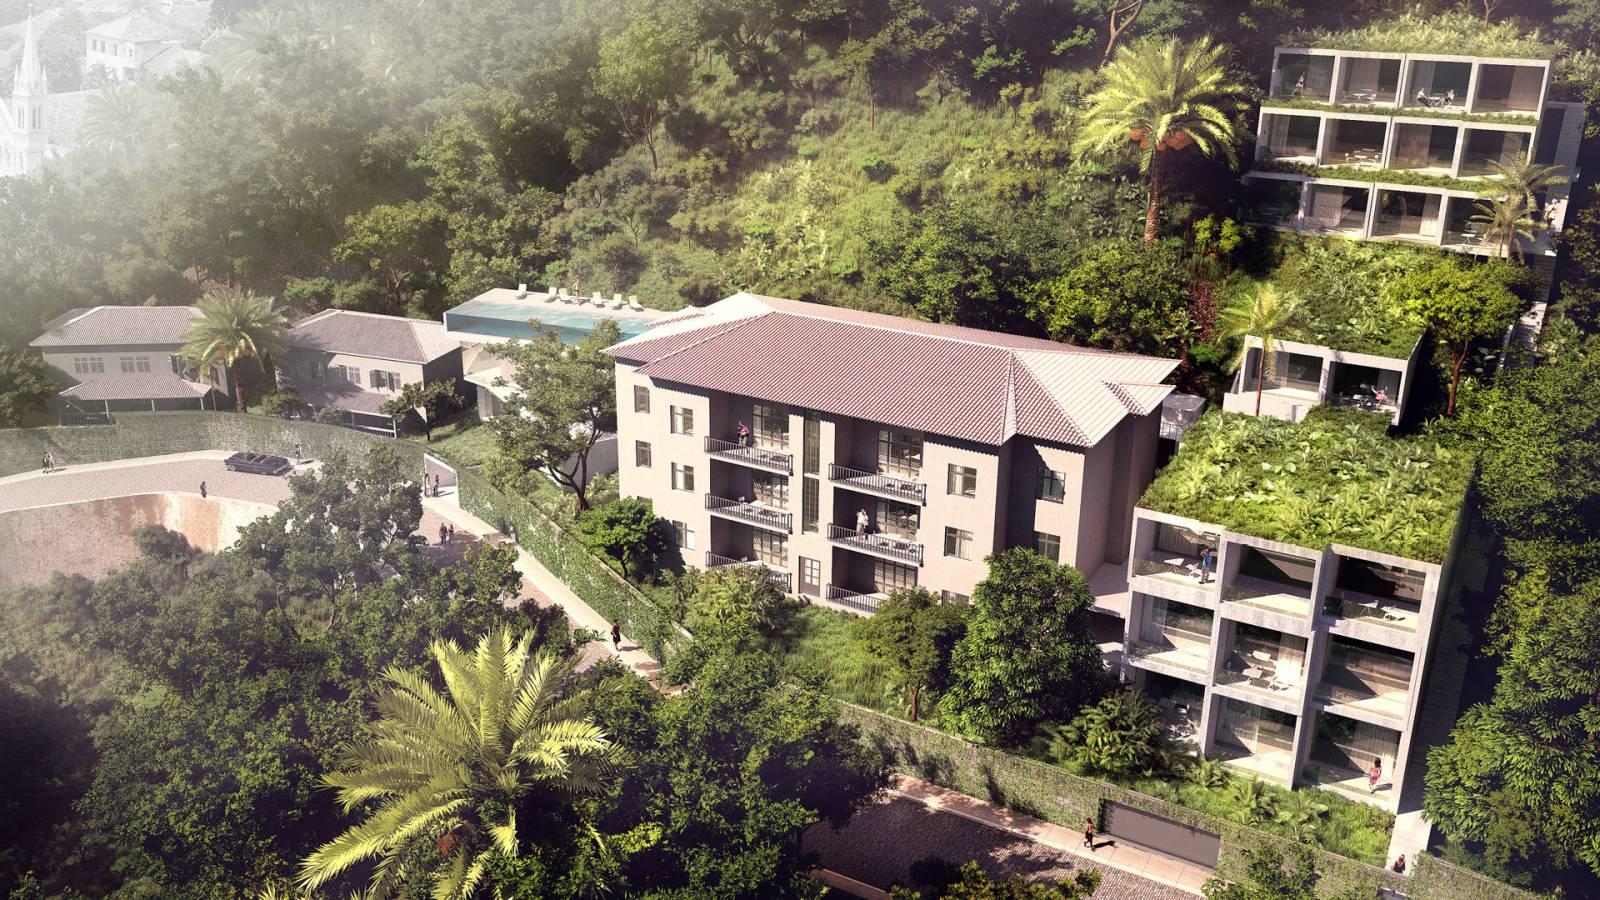 AERIAL - Hotel Aprazível - SPOL Architects